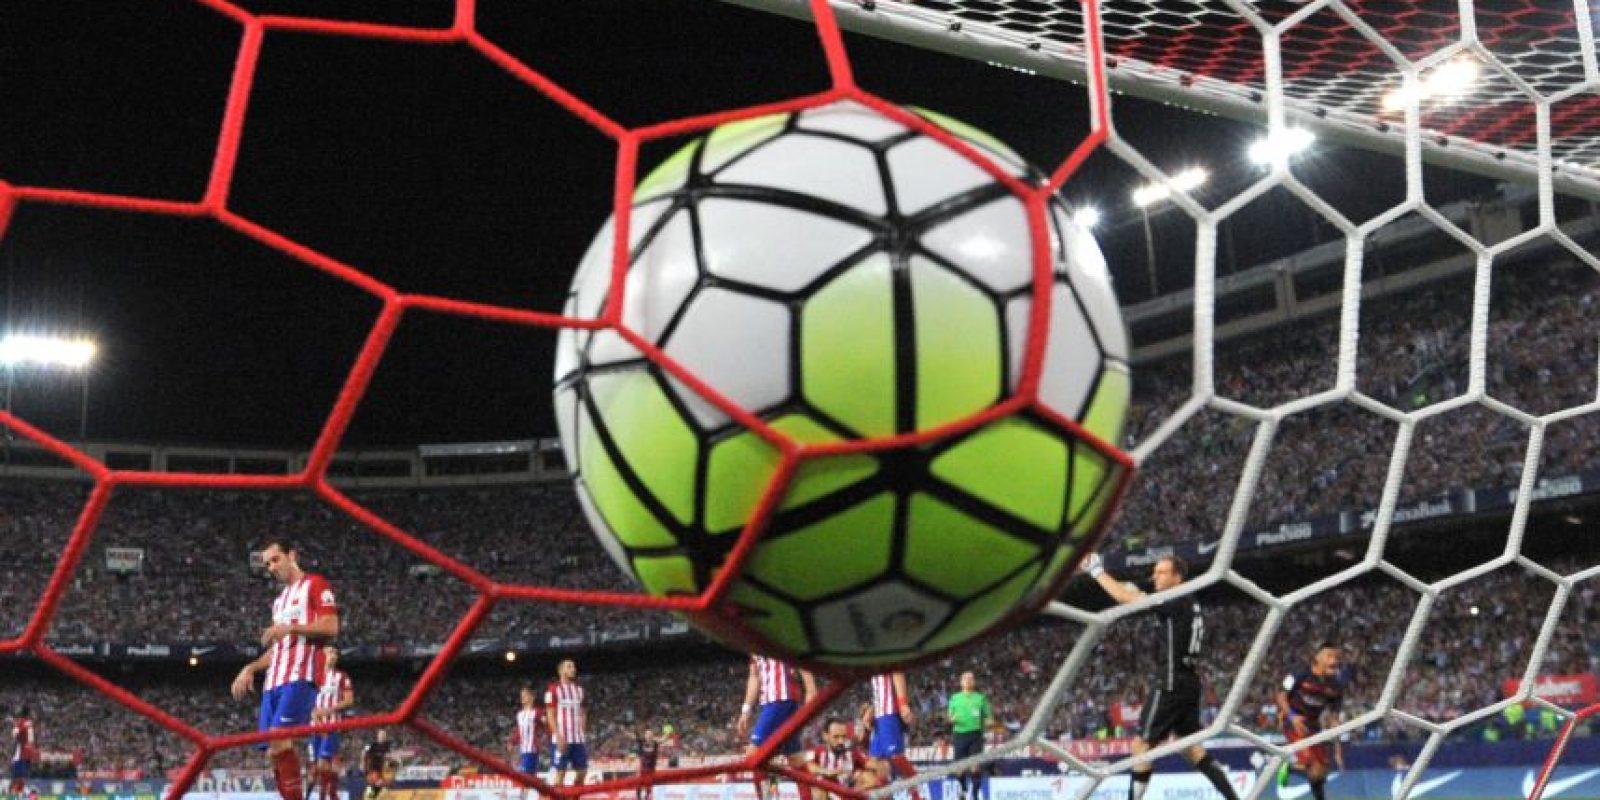 Momento en que el equipo culé marco el gol del triunfo. Foto:AFP